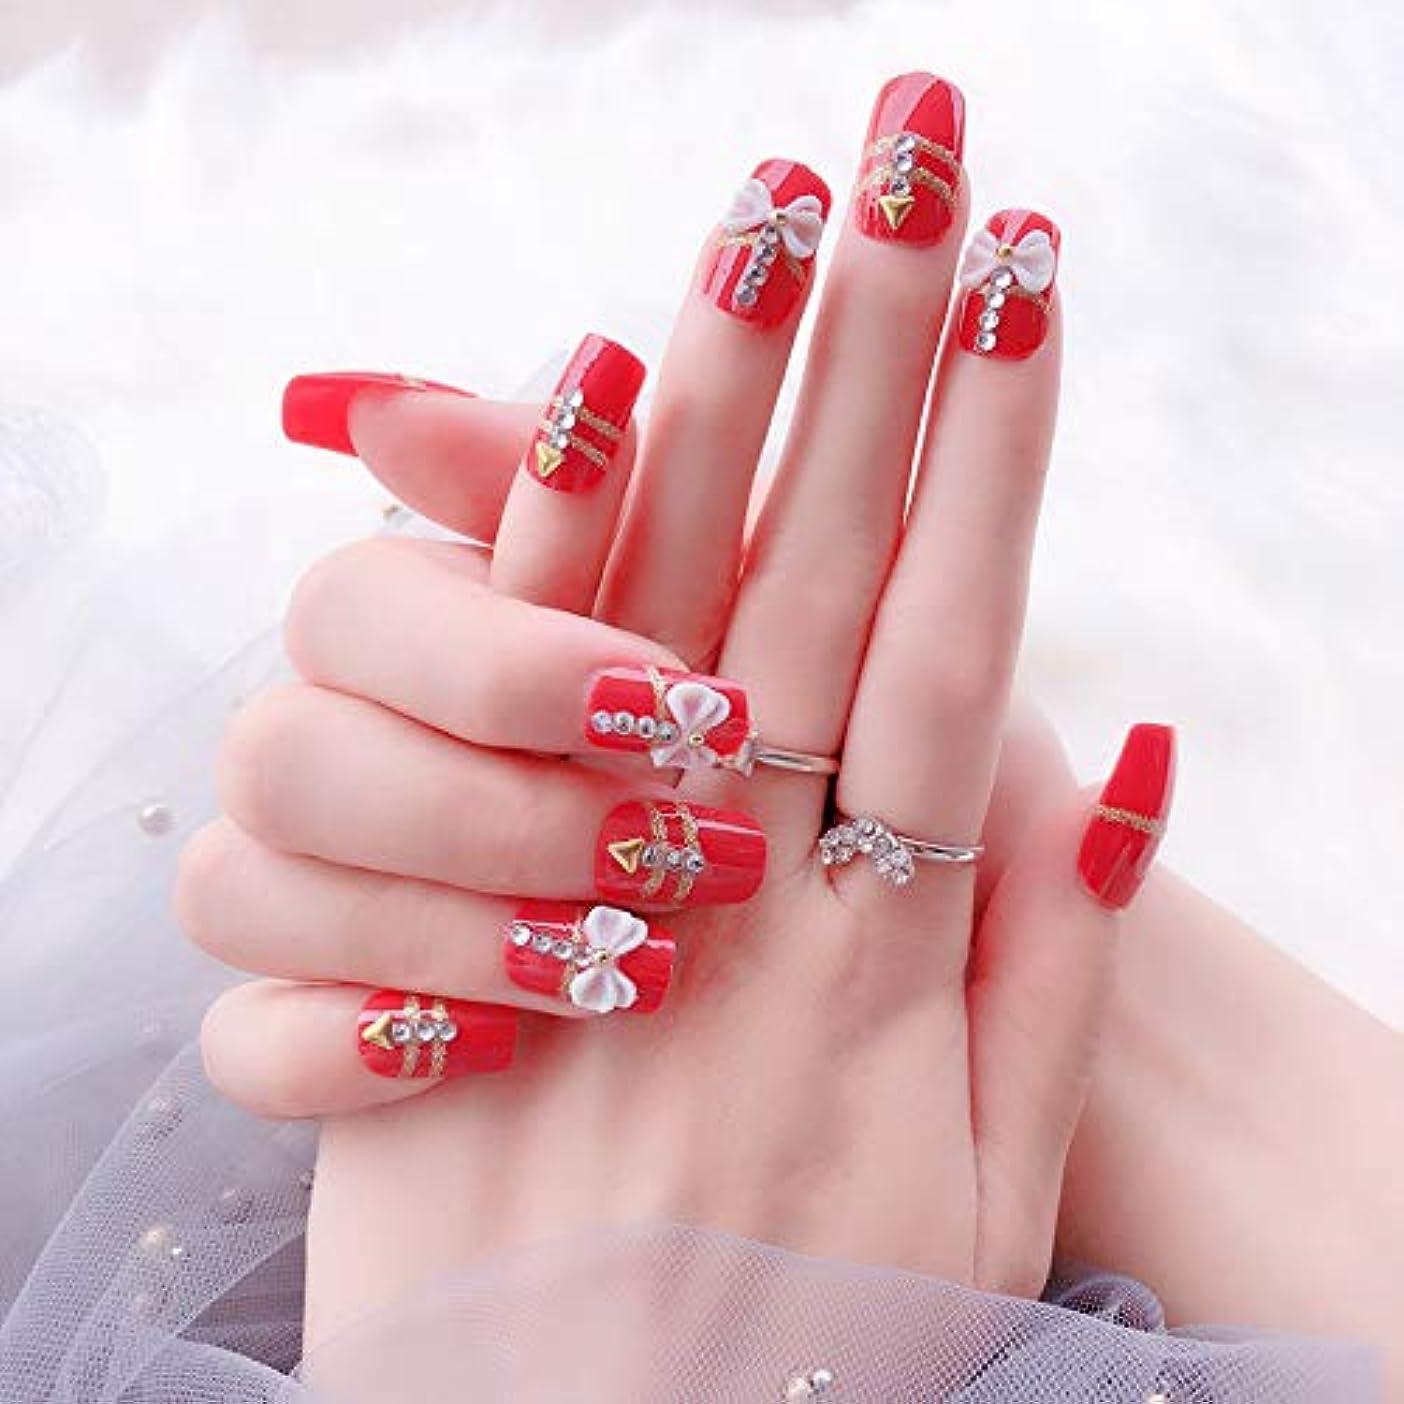 針サイレント置換花嫁ネイル 手作りネイルチップ 和装 ネイル 24枚入 結婚式、パーティー、二次会など 可愛い優雅ネイル 蝶の飾り付け (レッド)